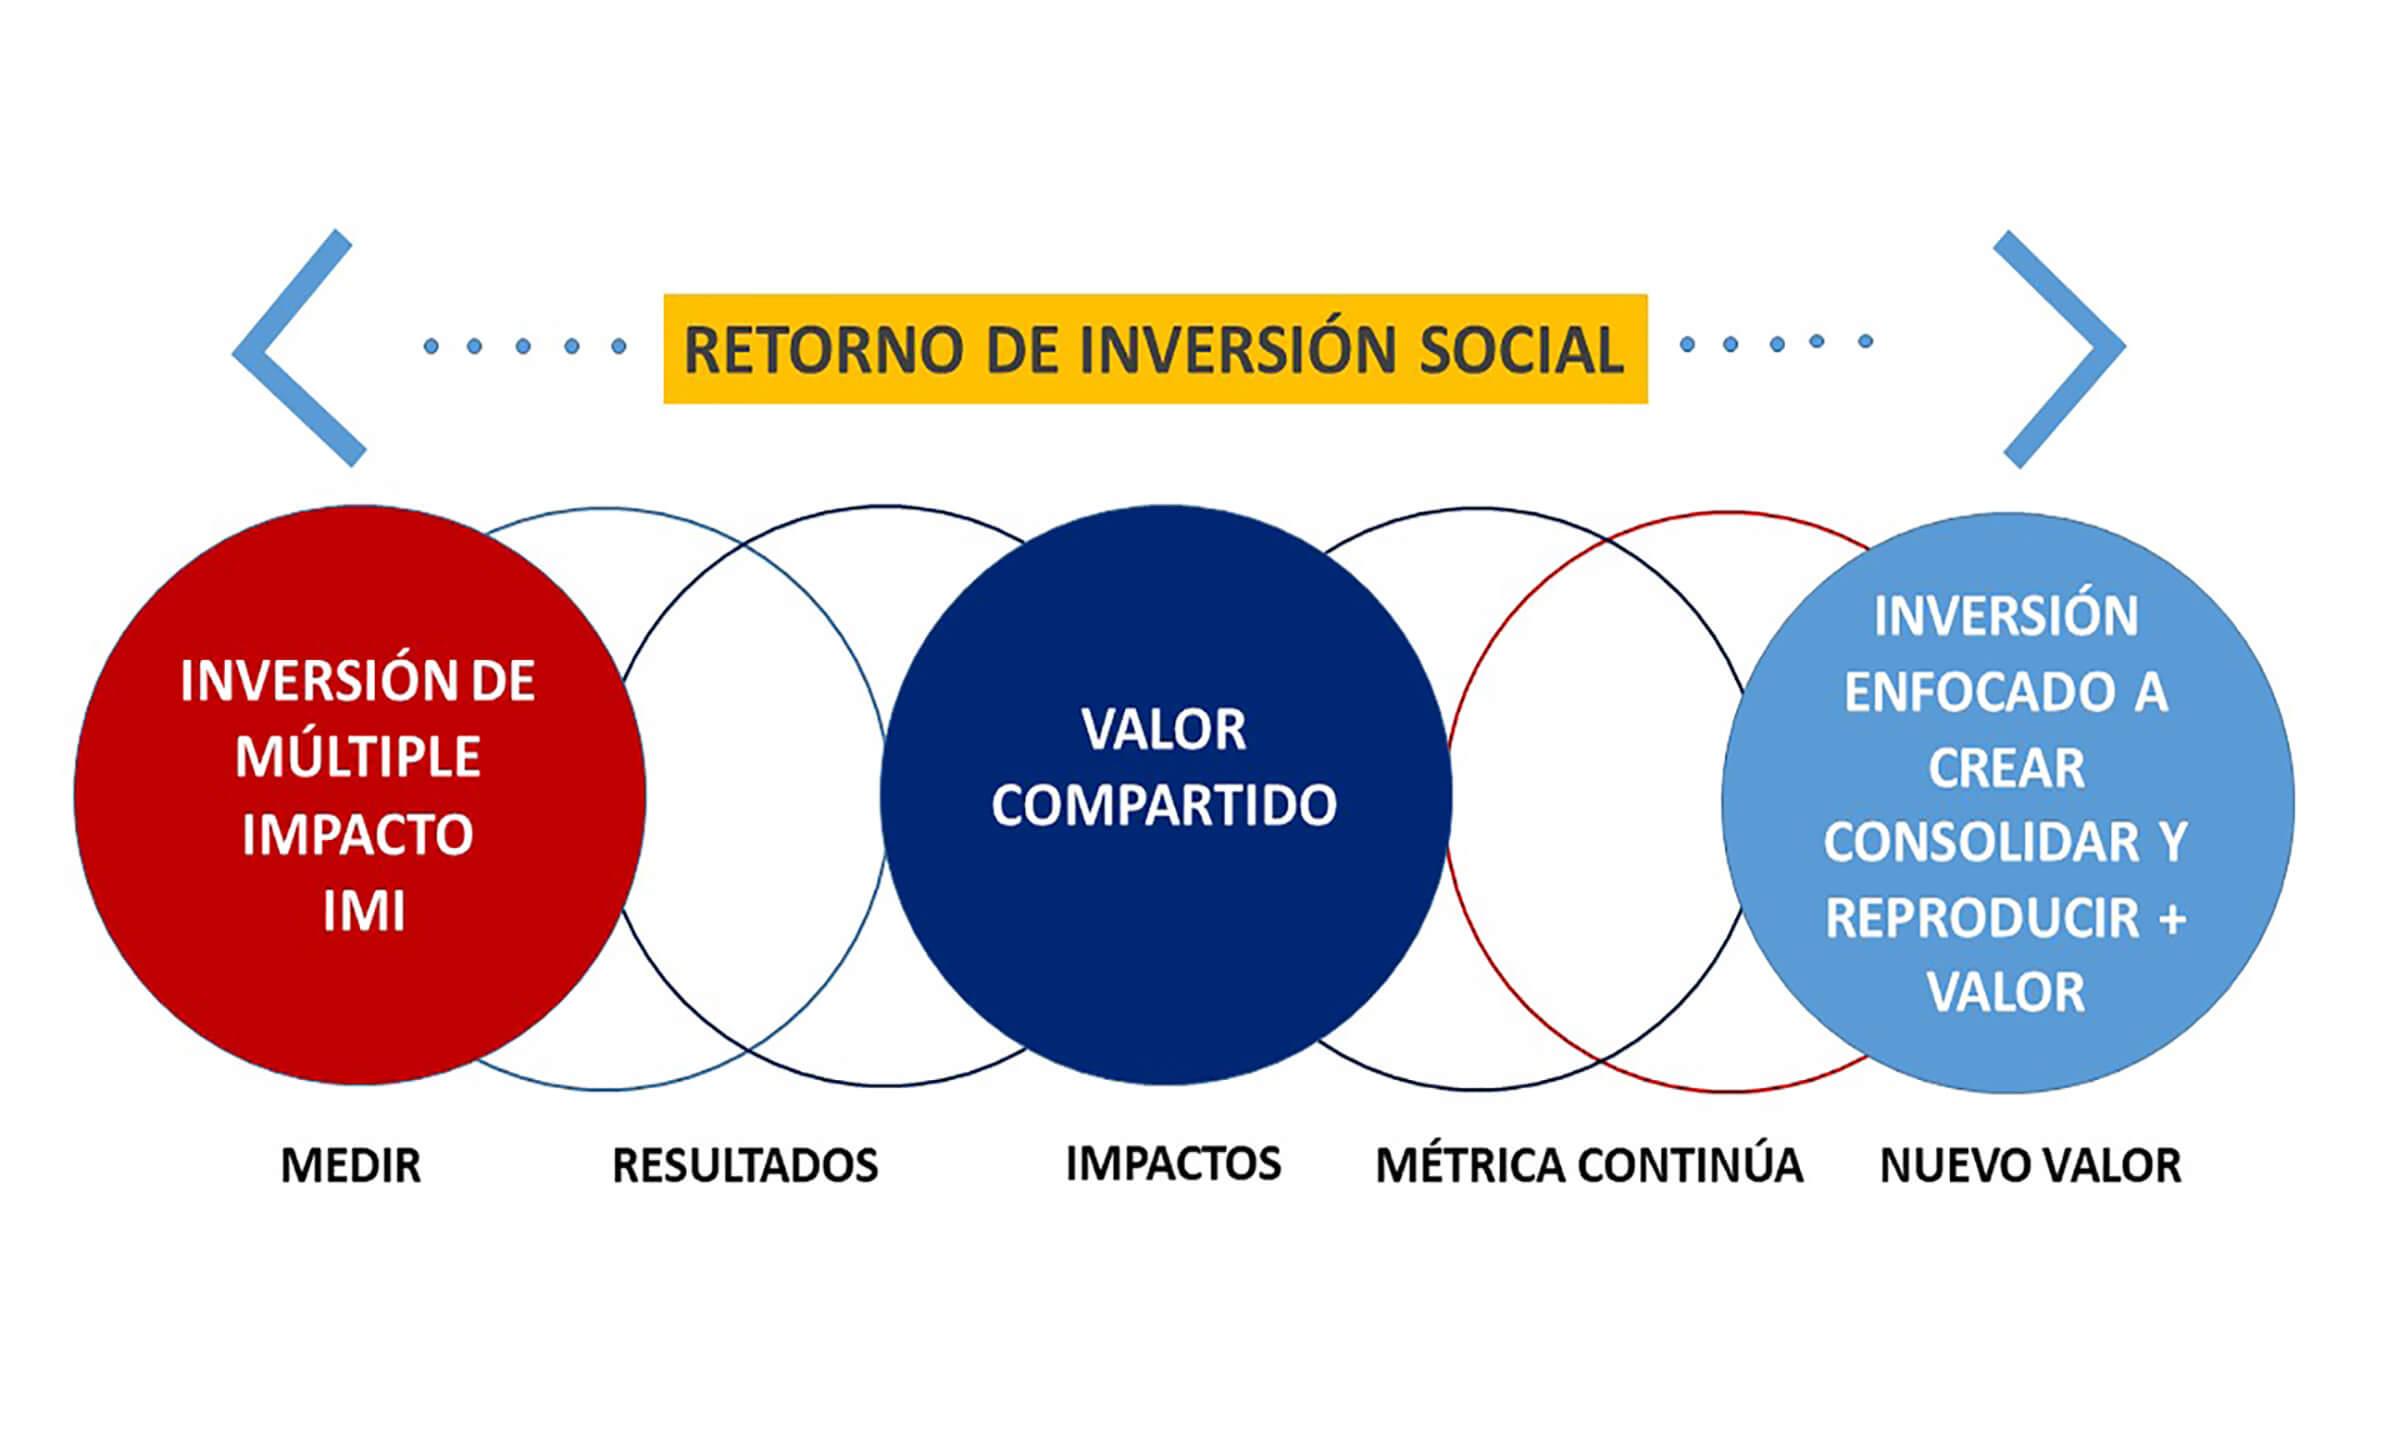 RETORNO DE INVERSION